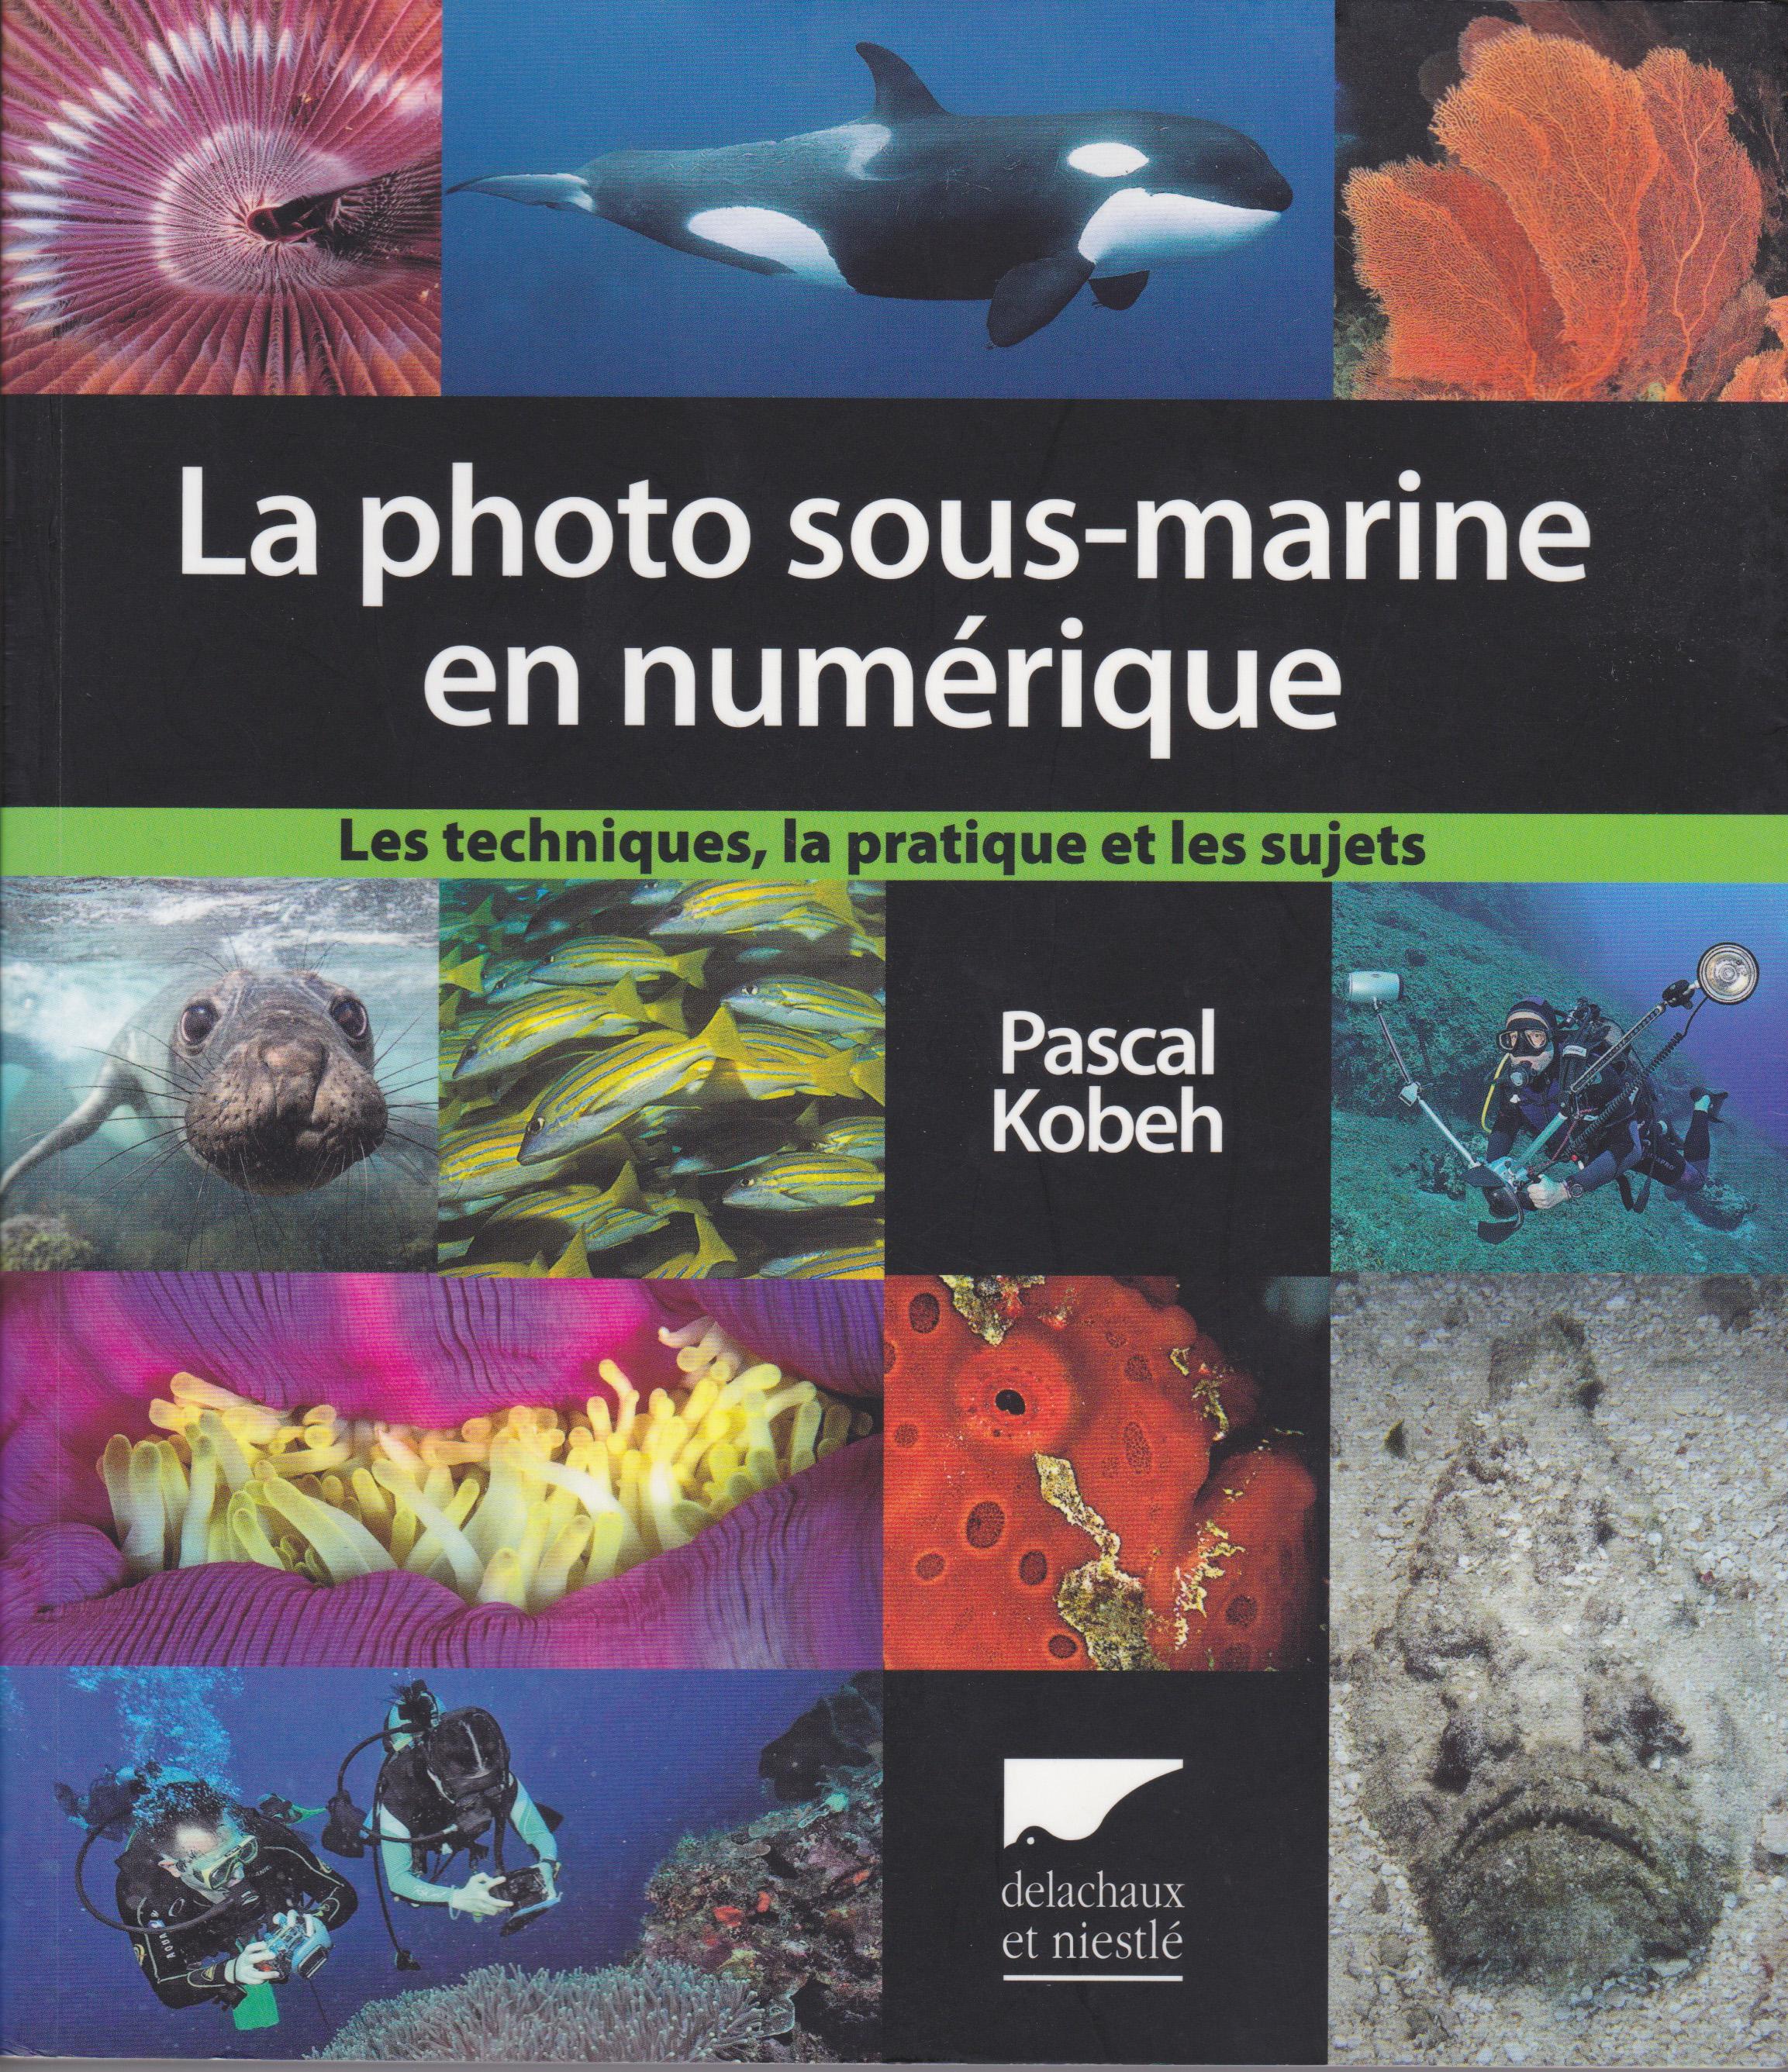 La photo sous-marine en numérique